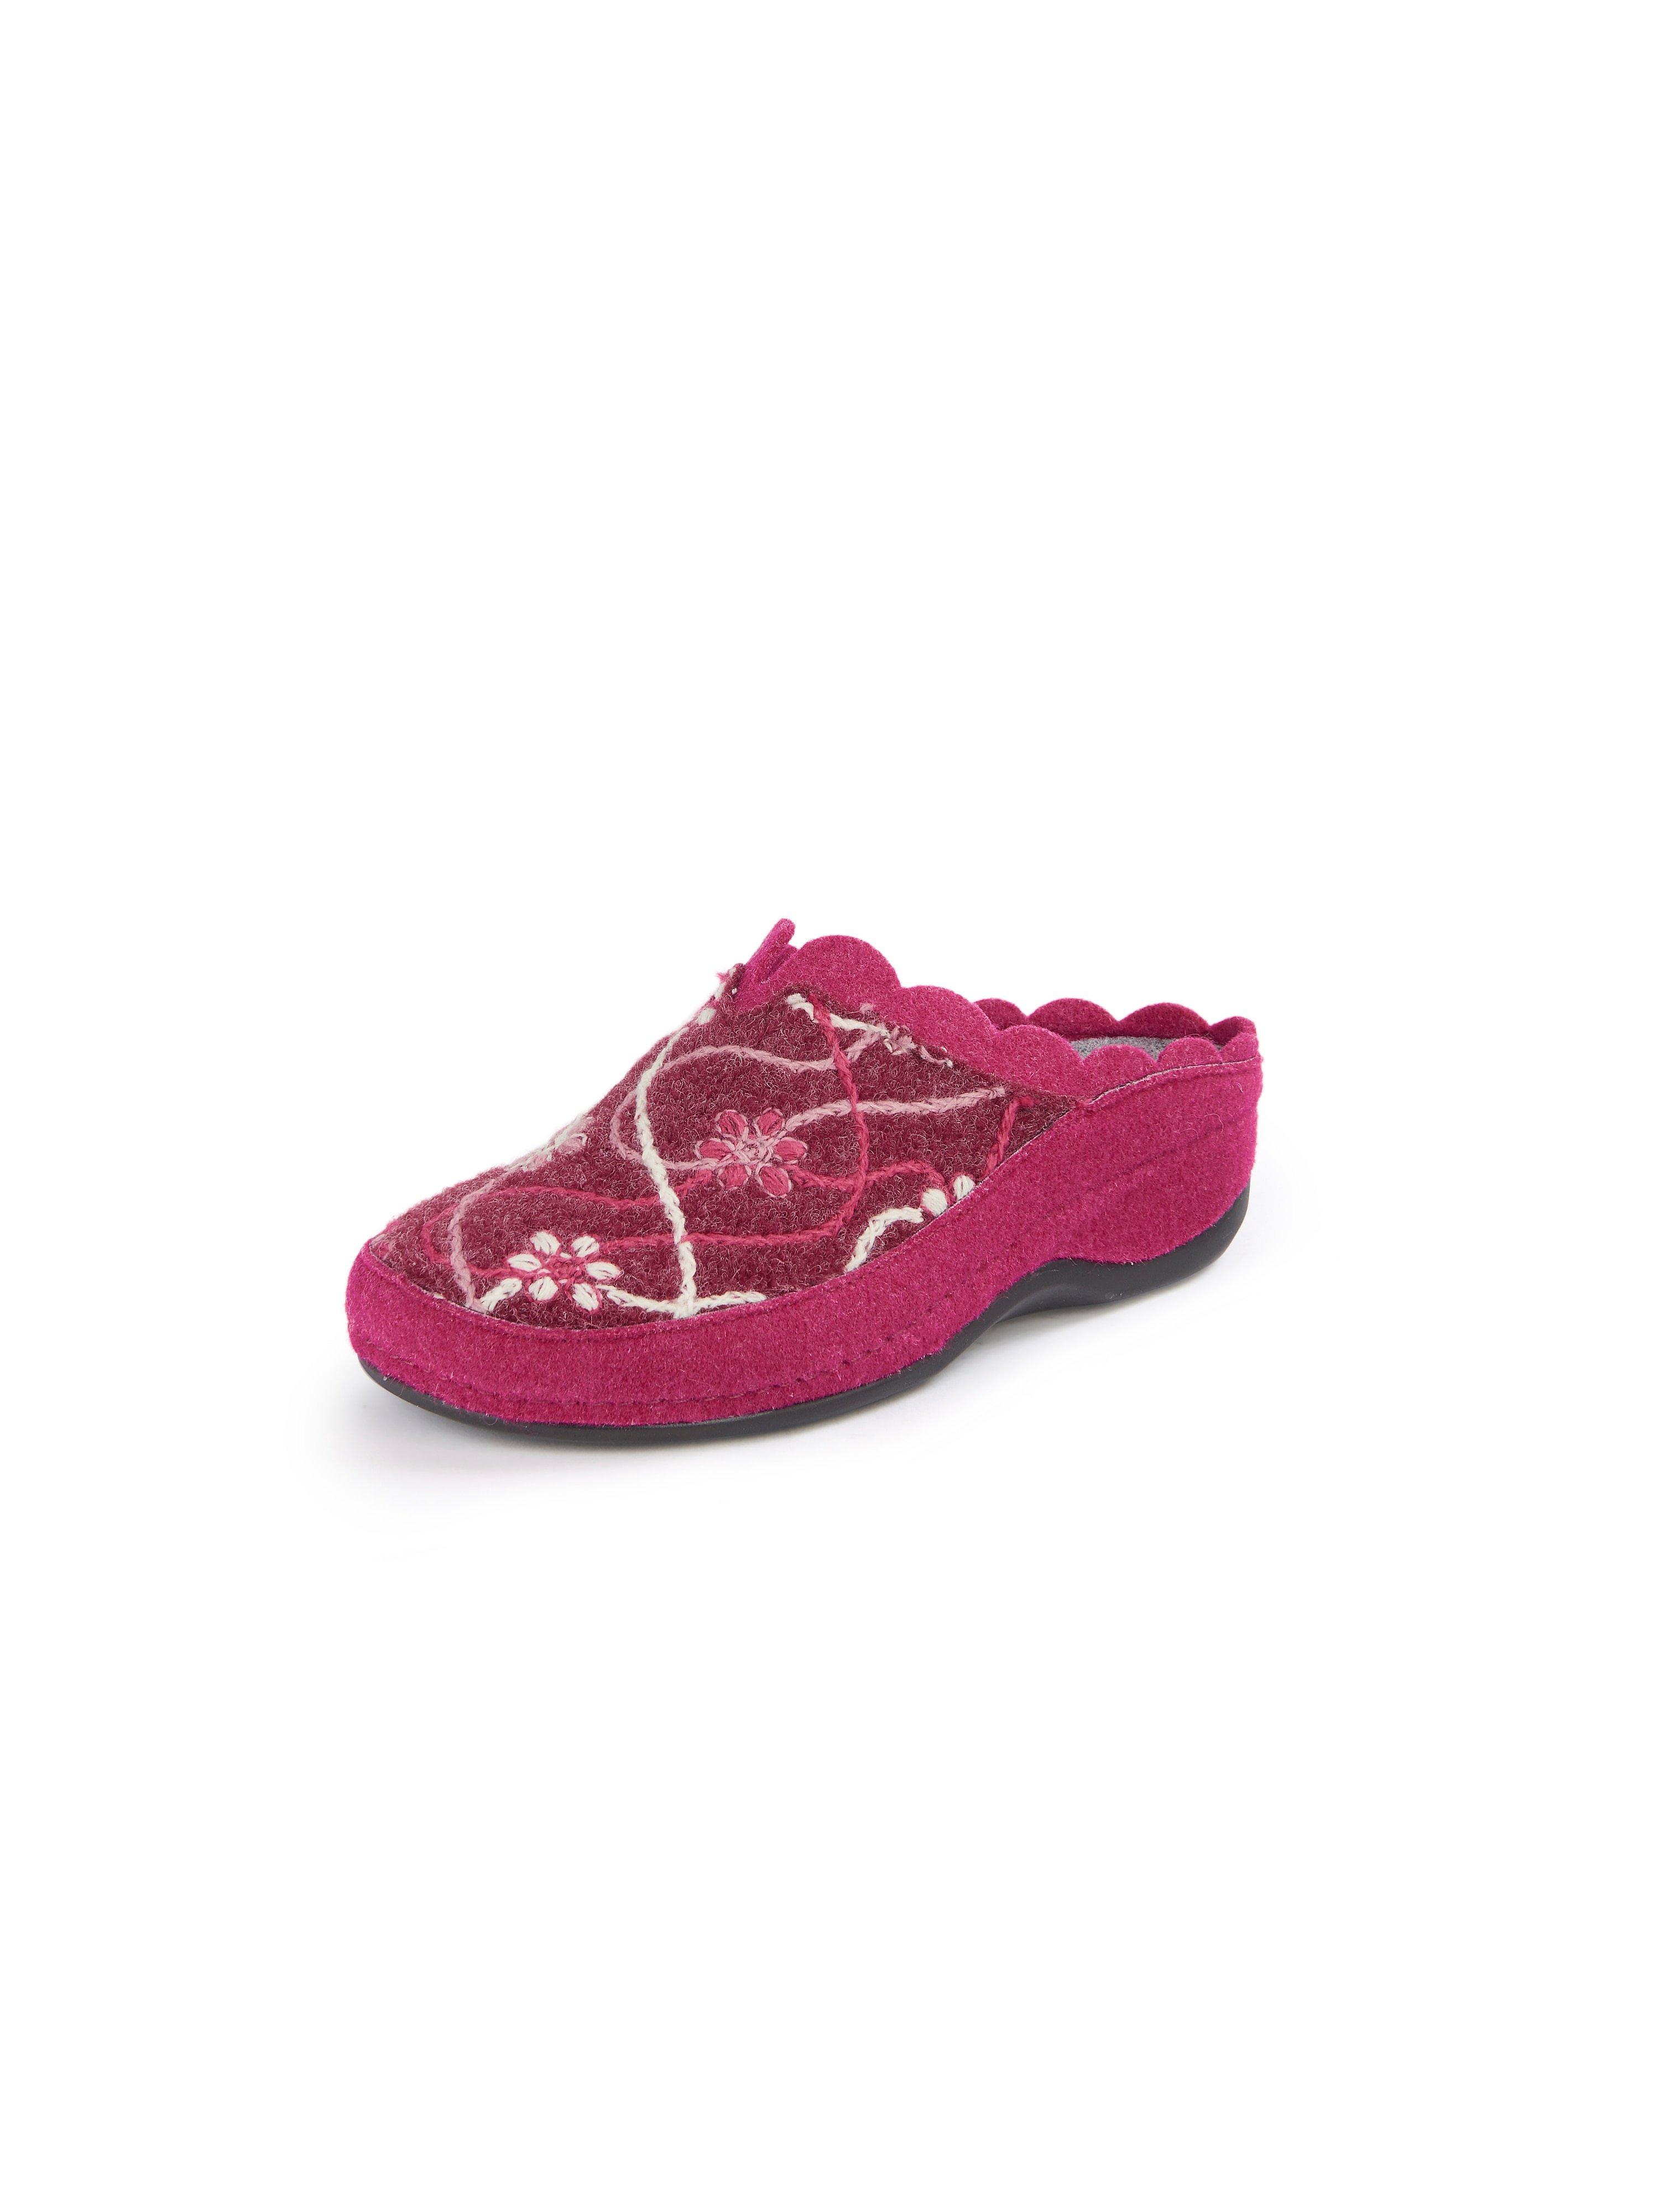 Pantoffels model Adelaide Van Romika roze